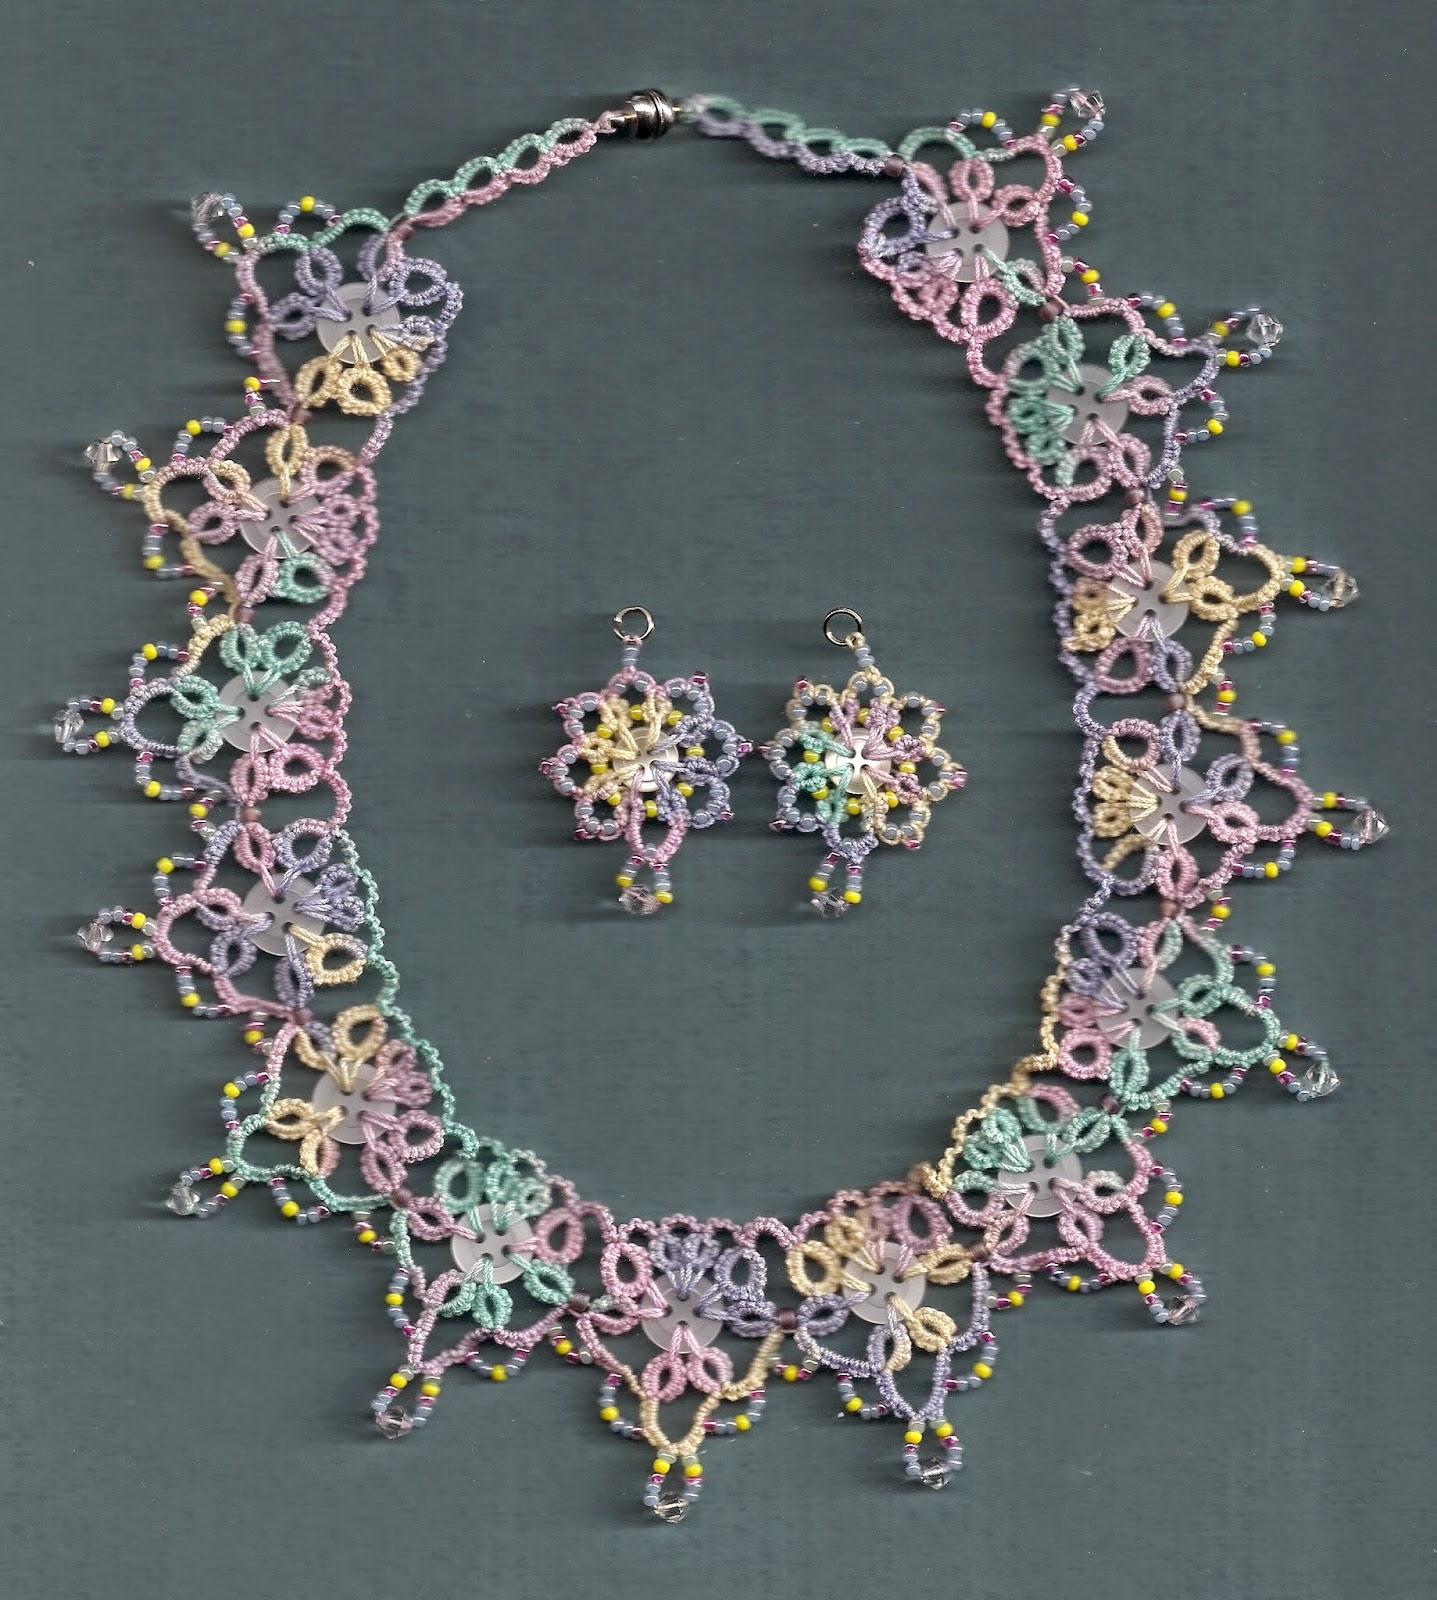 http://1.bp.blogspot.com/-3dmxHaaNqMI/U-eARWDCzXI/AAAAAAAAEpE/xagG93kvdjQ/s1600/necklaceearrings2.jpg